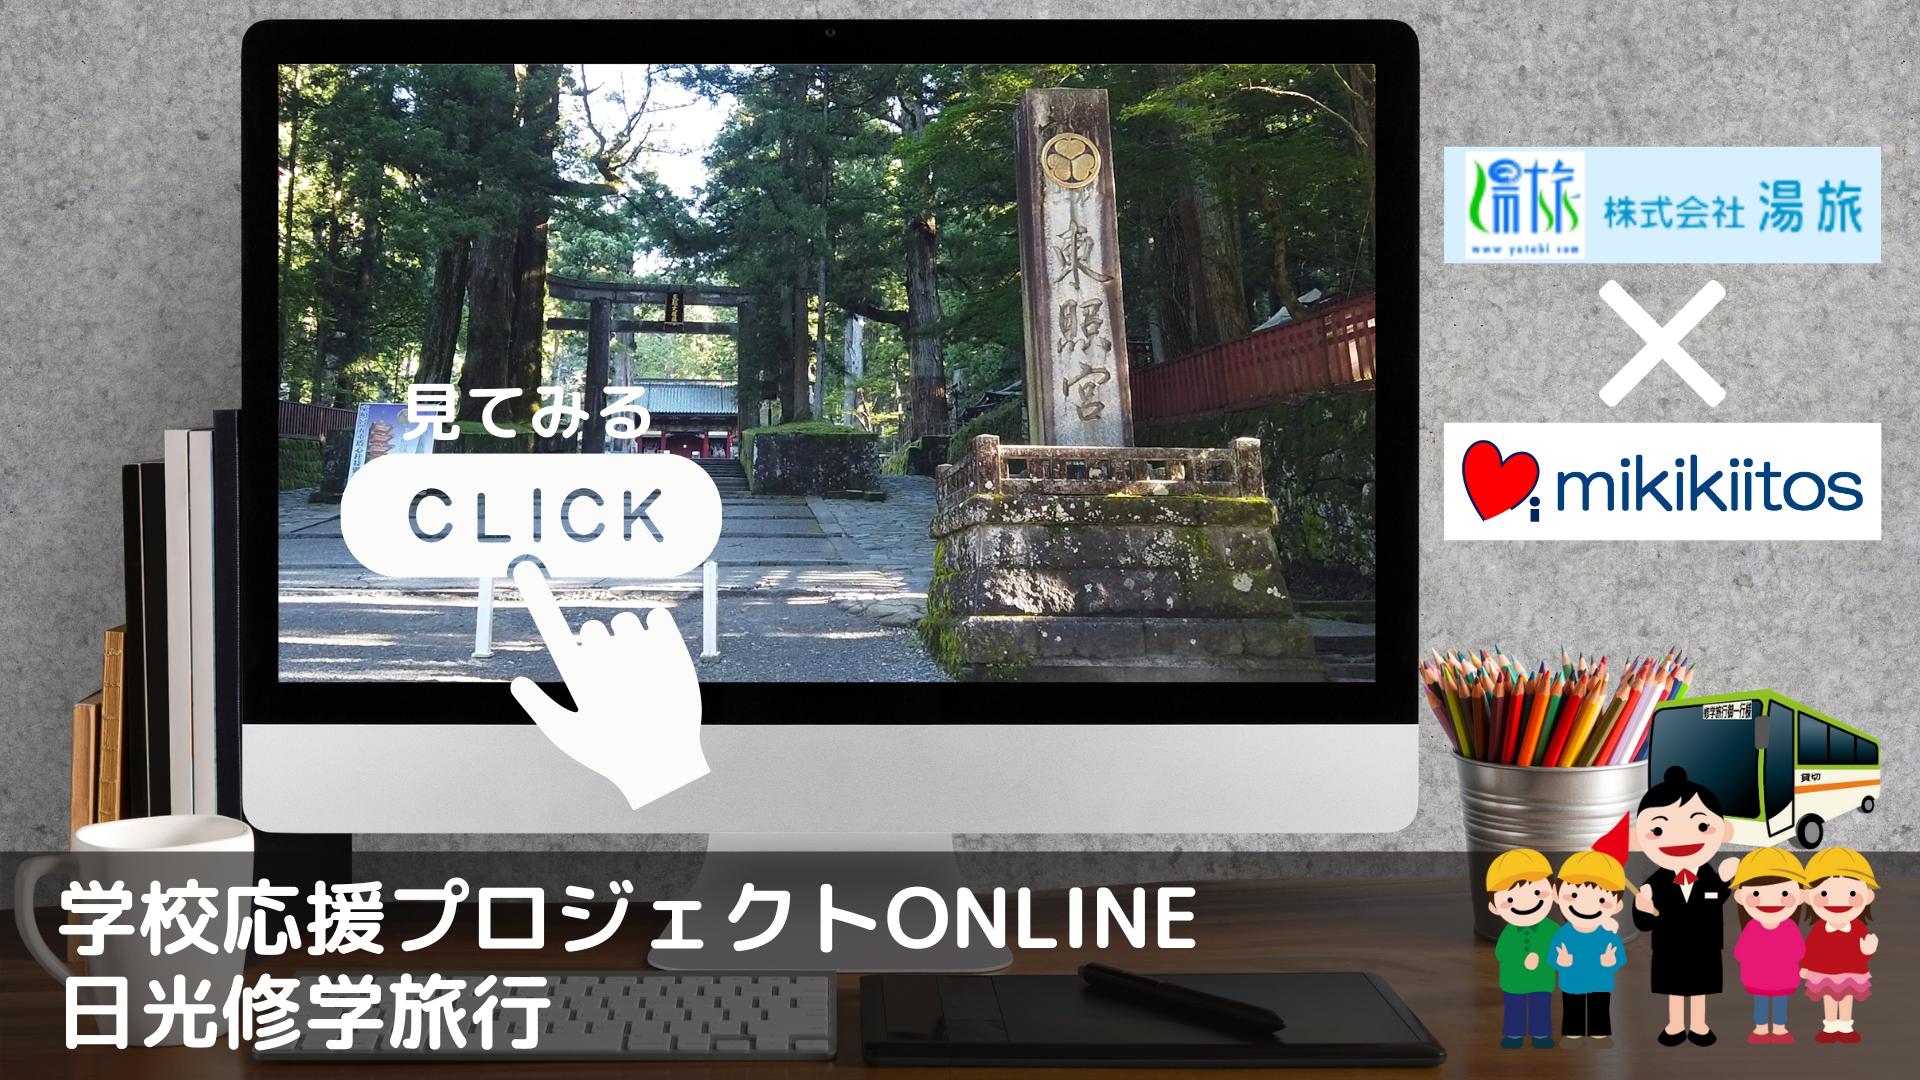 51.【教育機関向け】日光修学旅行ONLINE (株式会社湯旅 × ミキキートス)